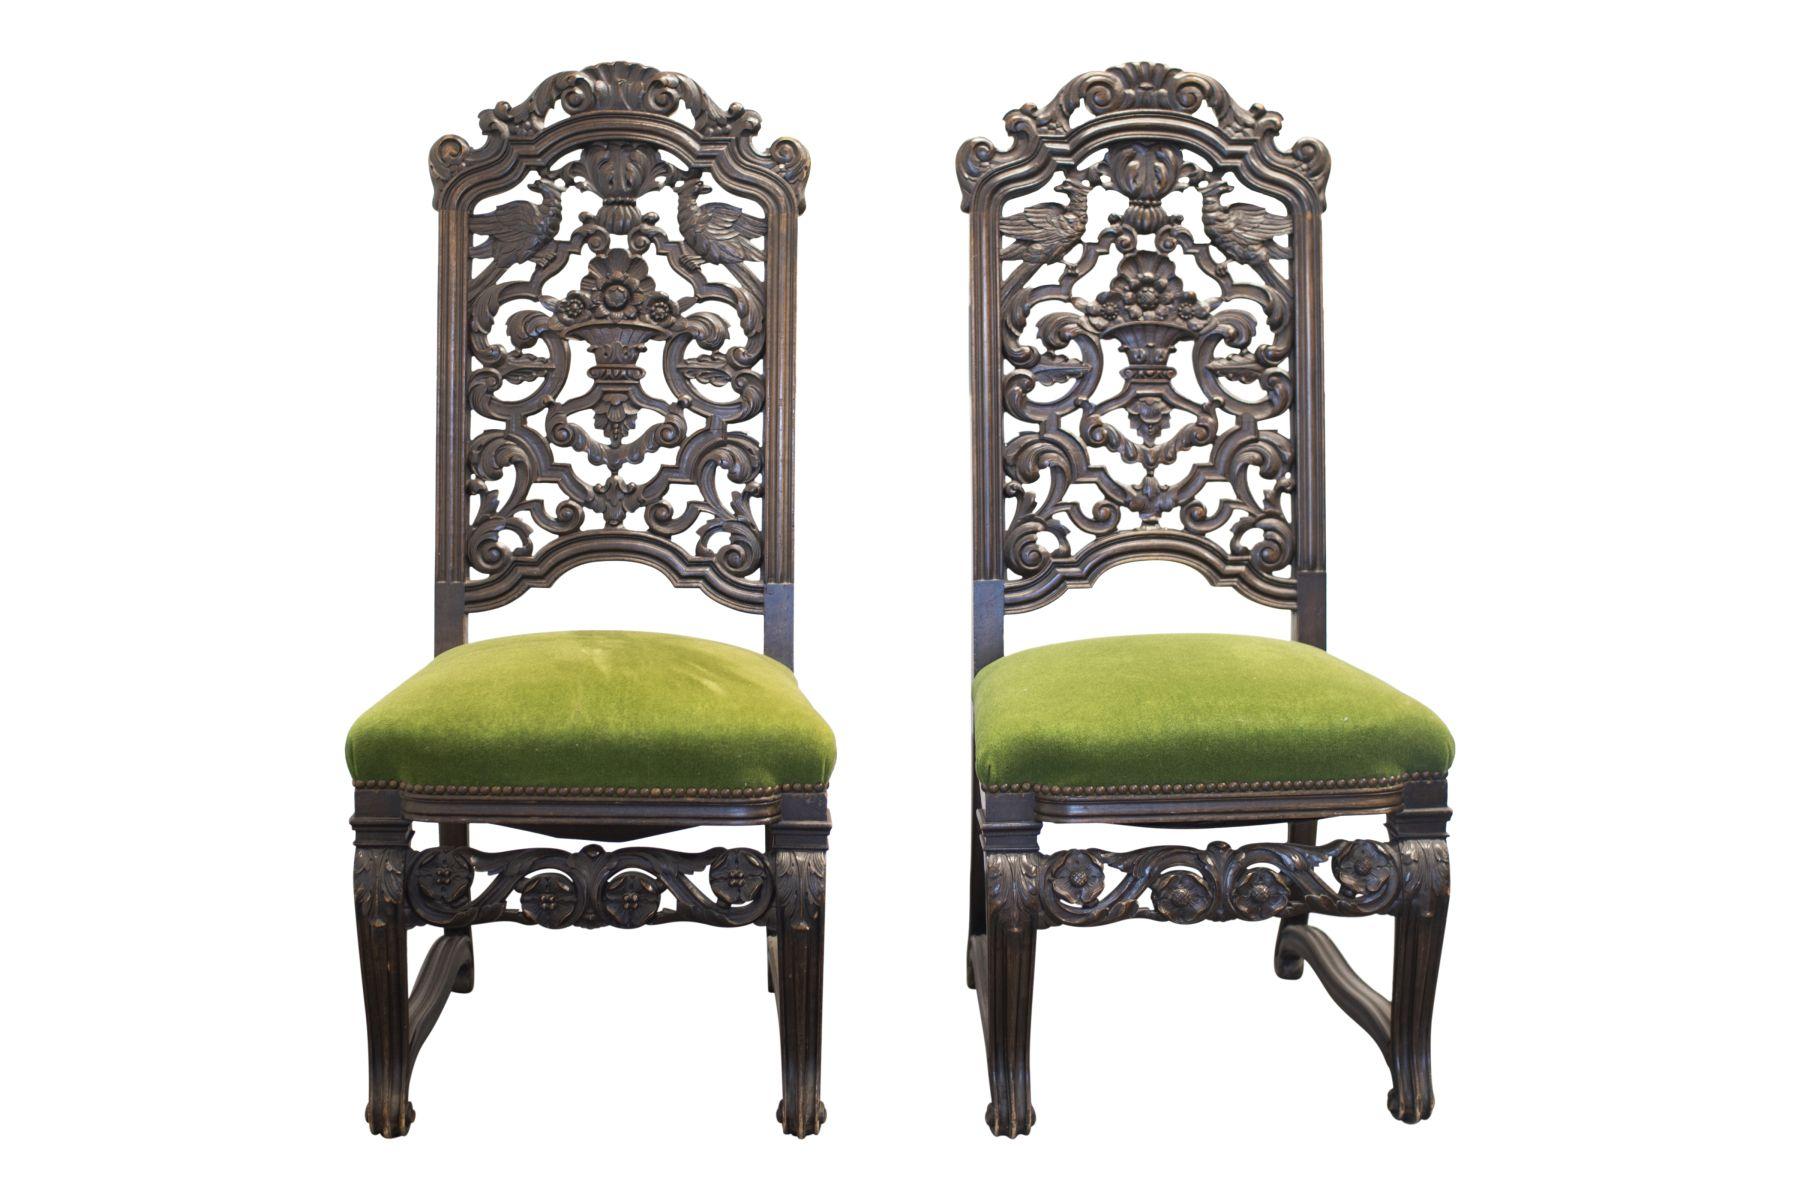 #42 Pair of salon chairs, Belle Epoch style | Paar Salonstühle, Stil Belle Epoche Image